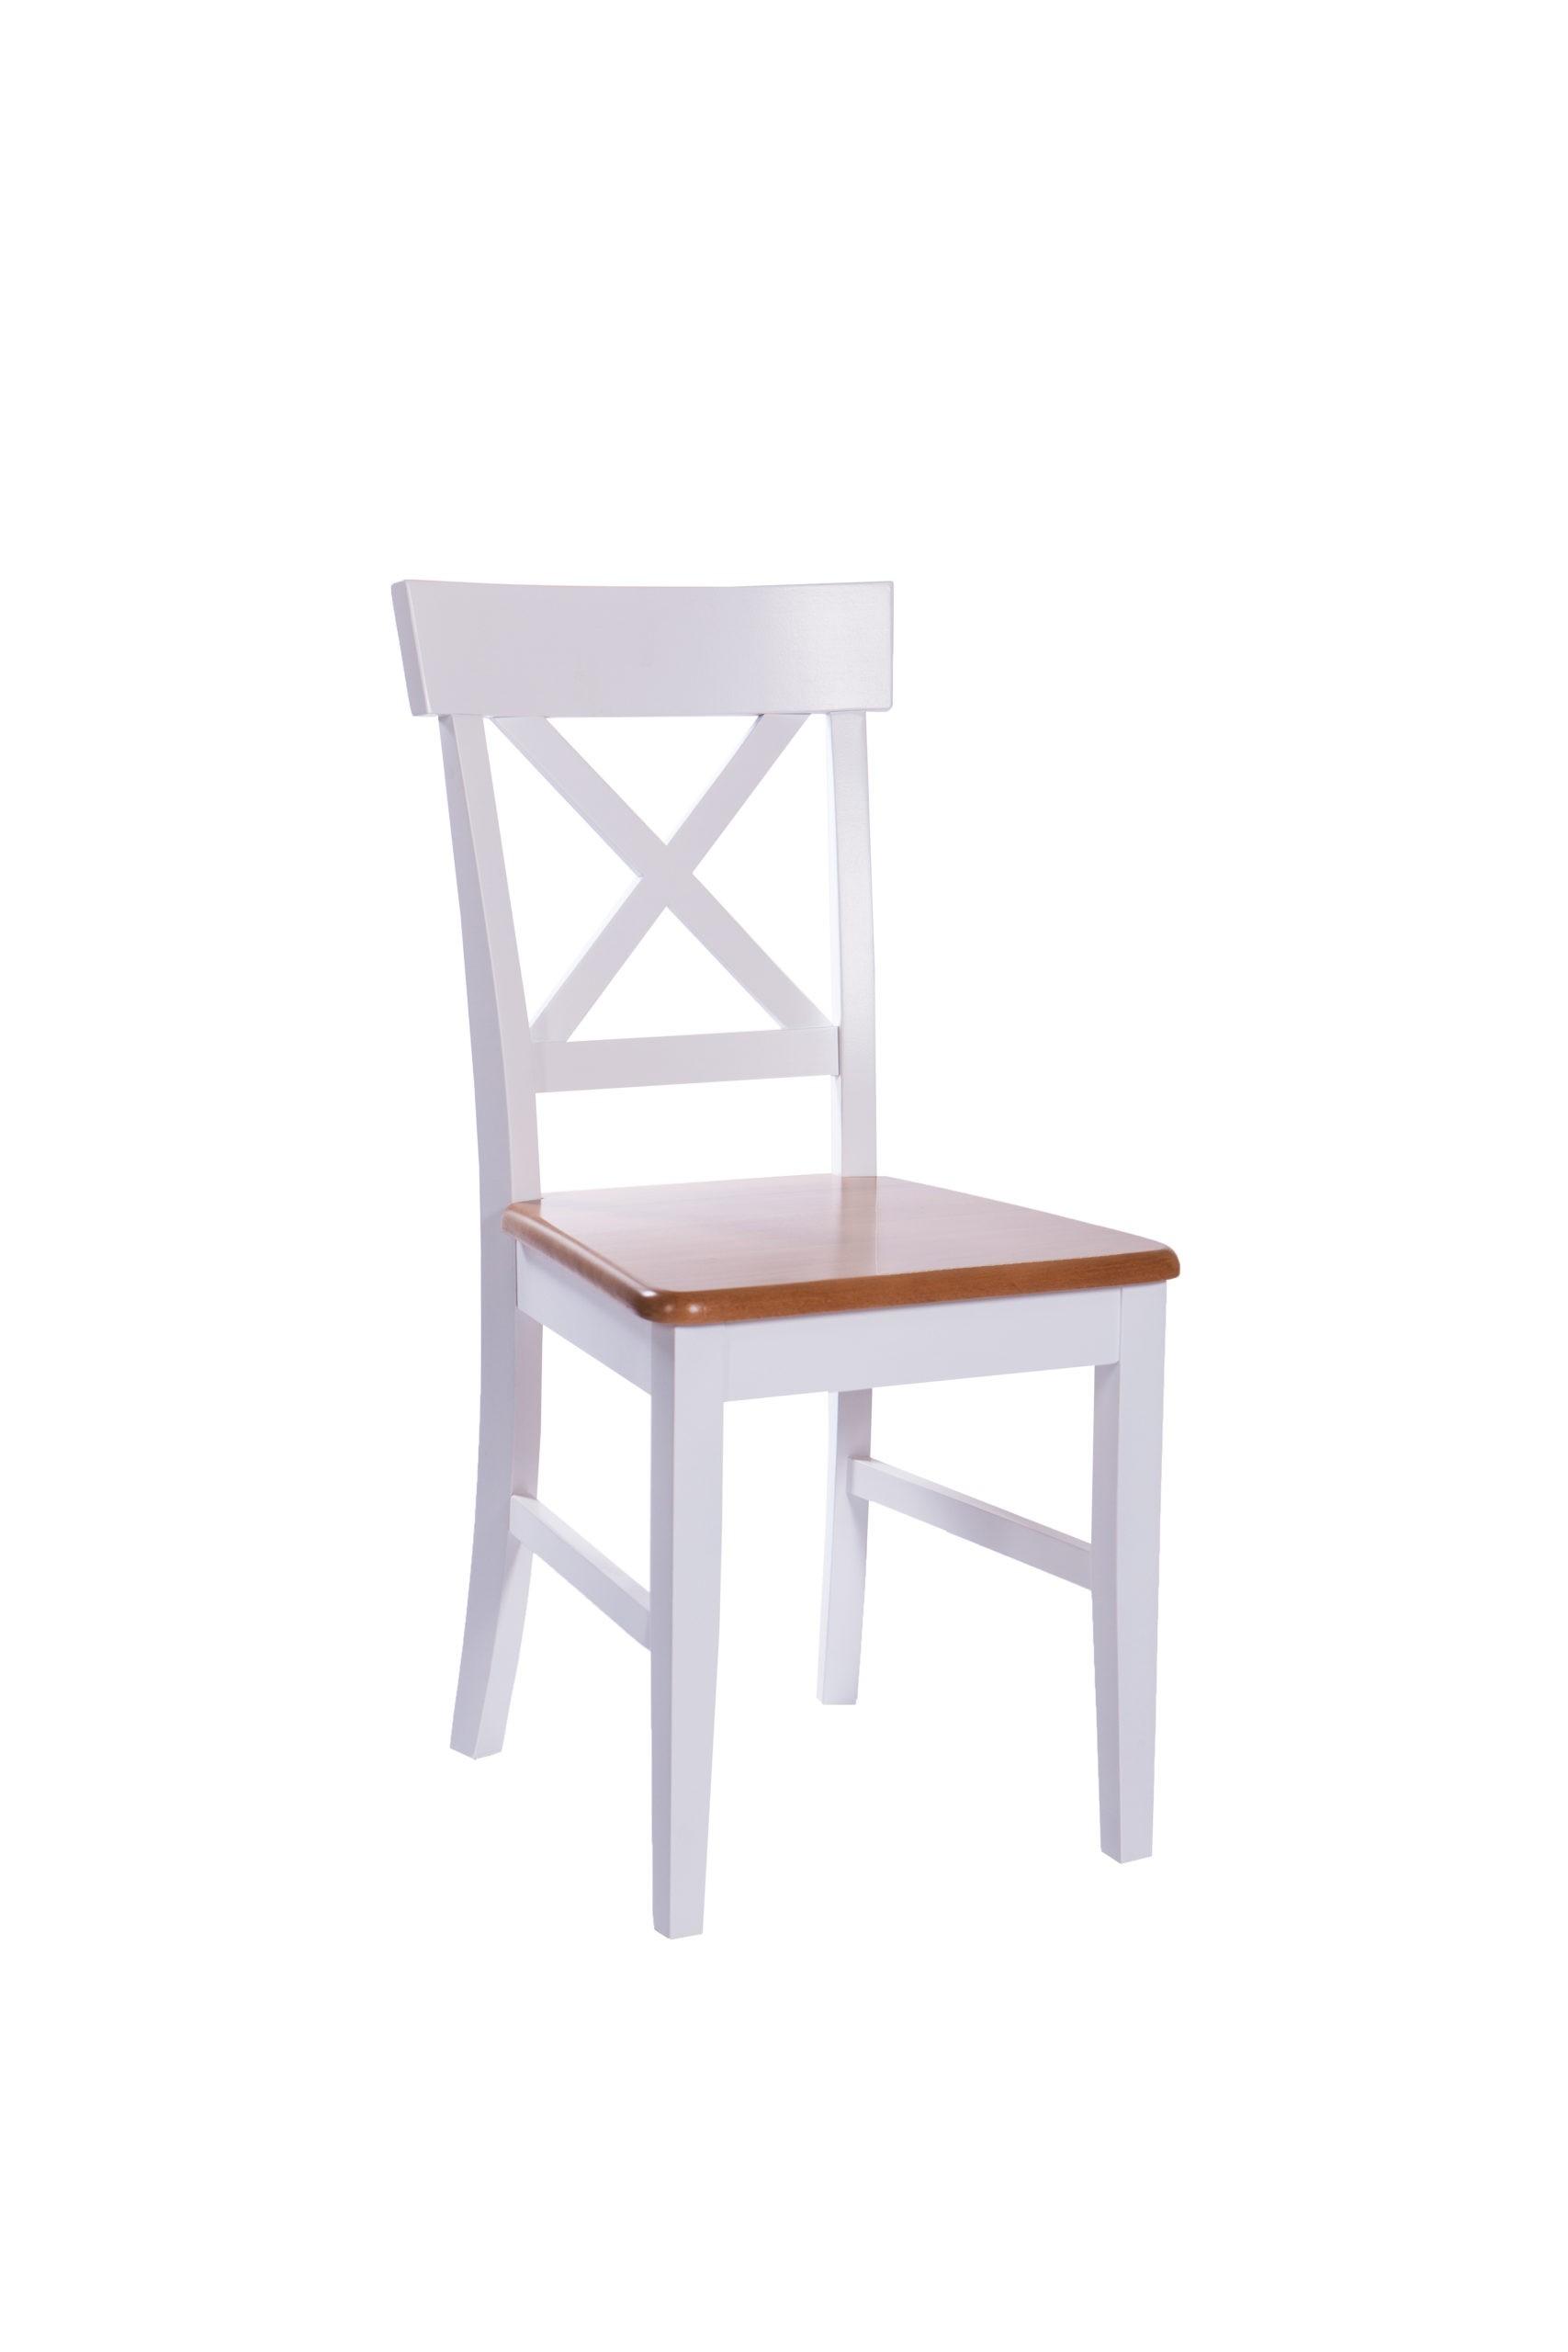 Nowoczesne drewniane krzesło do jadalni MR 967 w kolorze białym z drewnianym siedziskiem w różnych kolorach